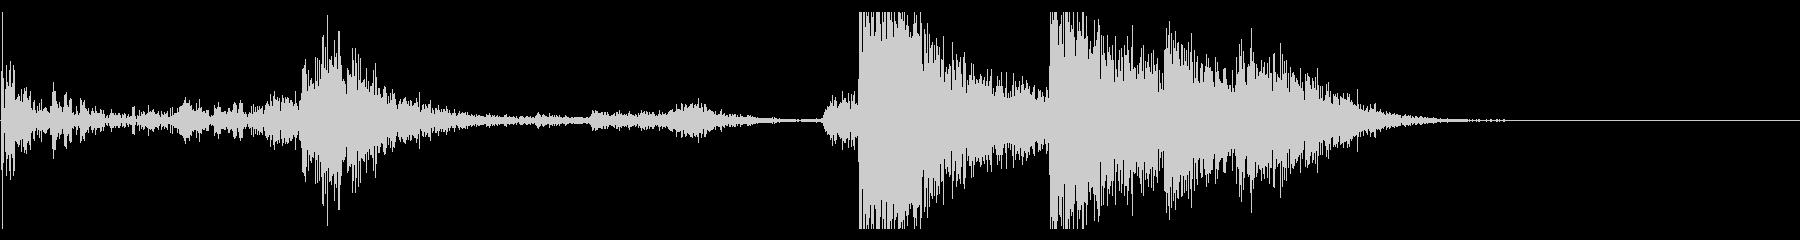 【生録音】ブリキのバケツの音 学校 6の未再生の波形